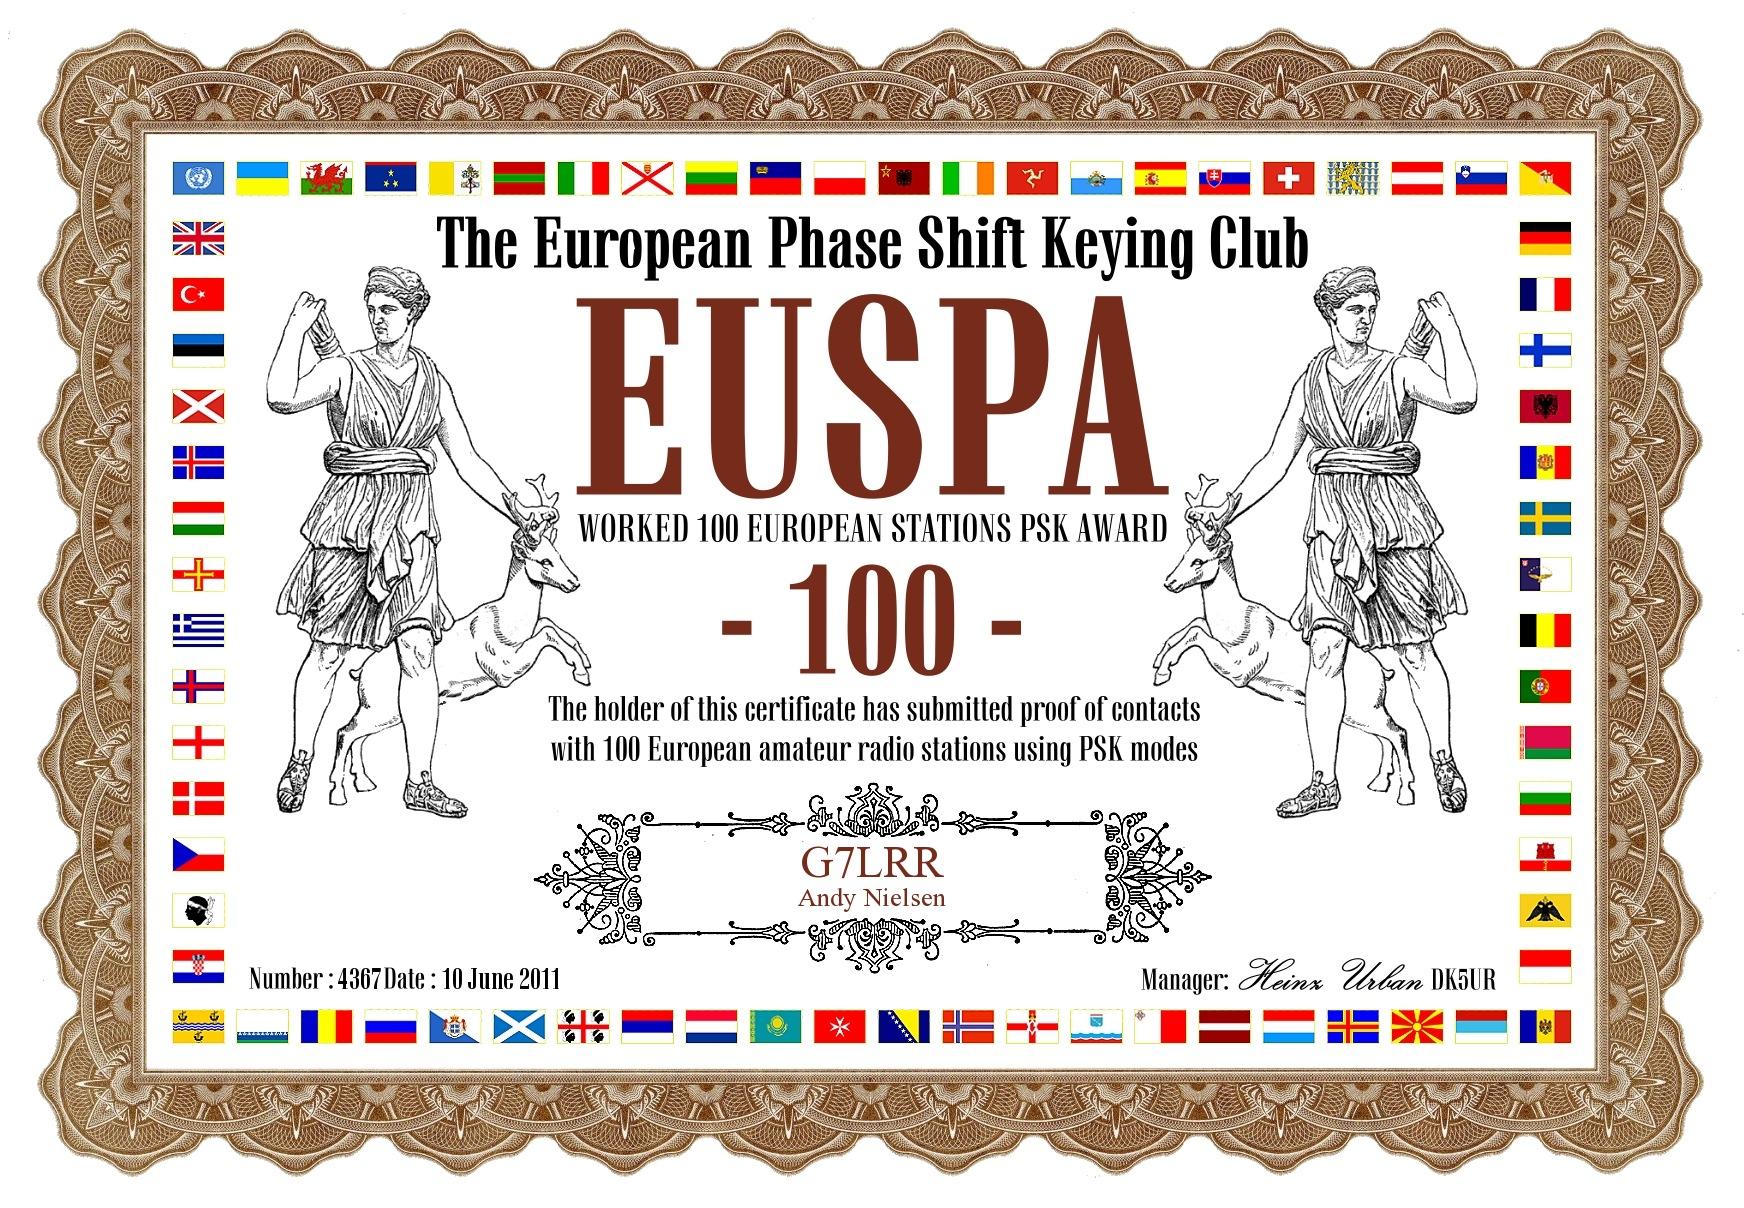 G7LRR_EUSPA_100